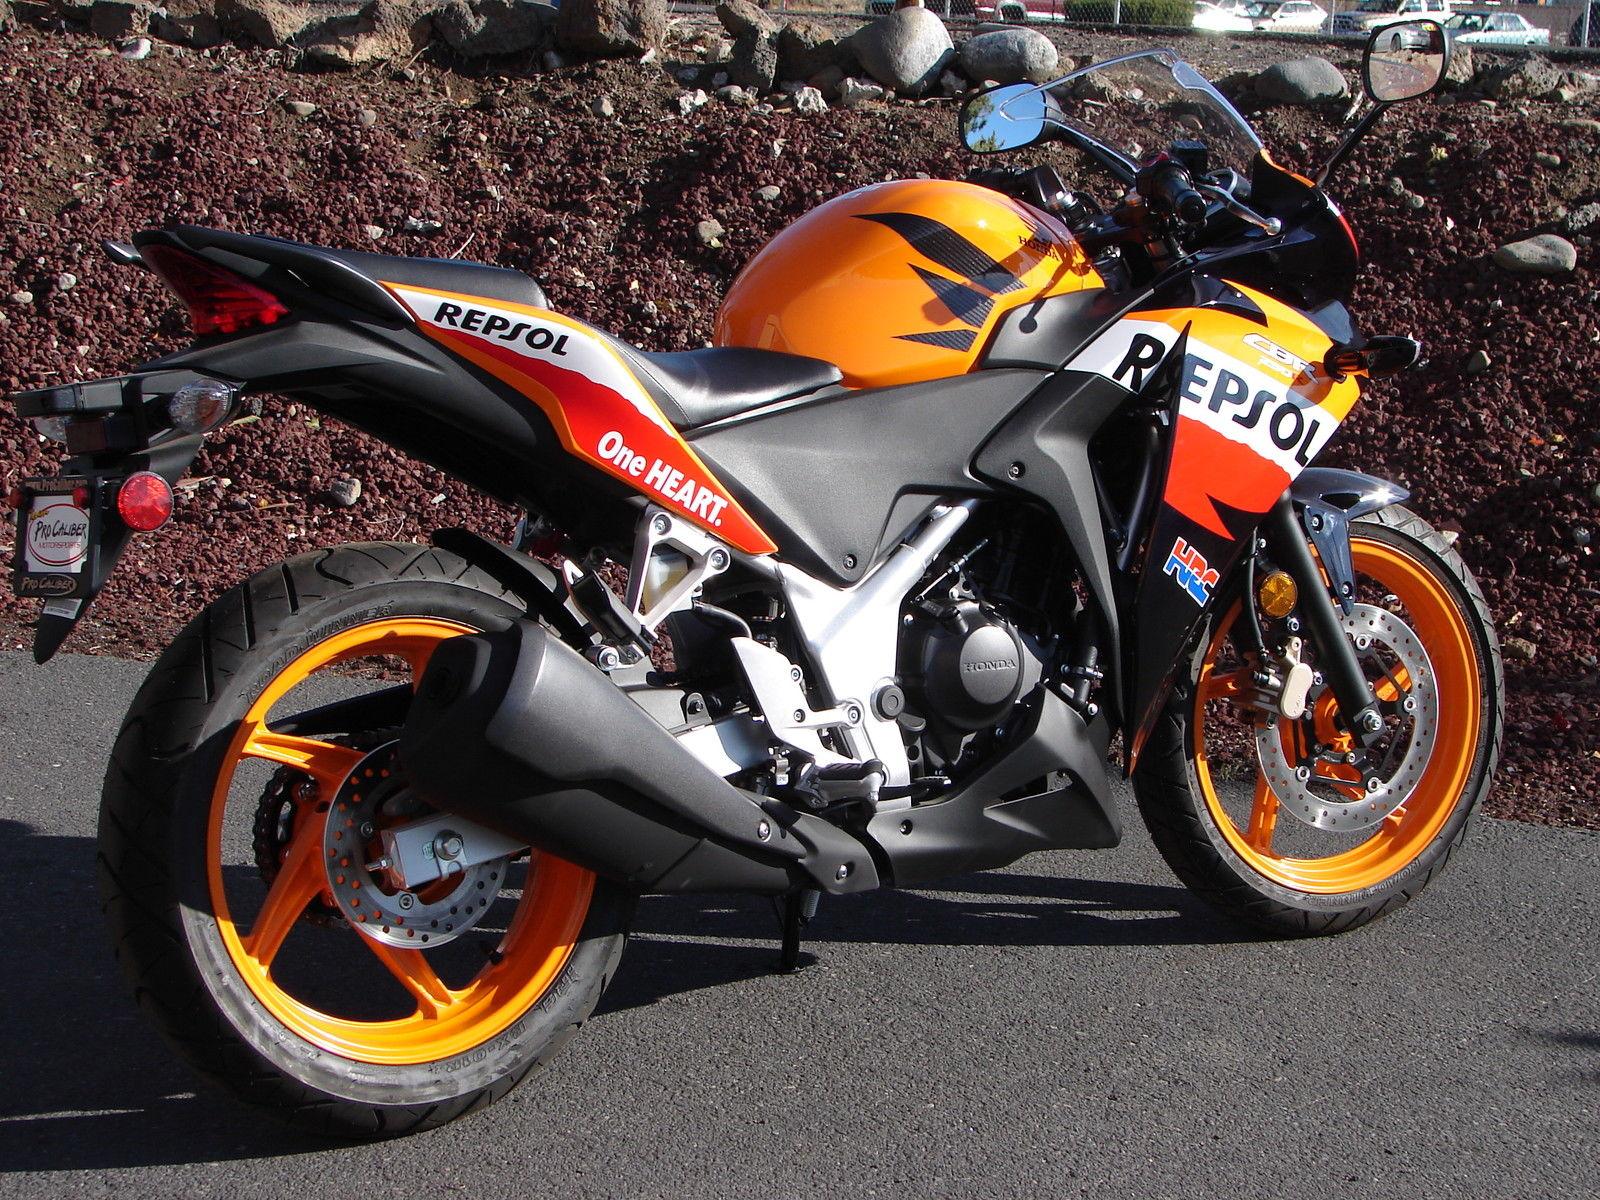 Honda Cbr 250 Repsol Edition New Zero Miles 299 Financing